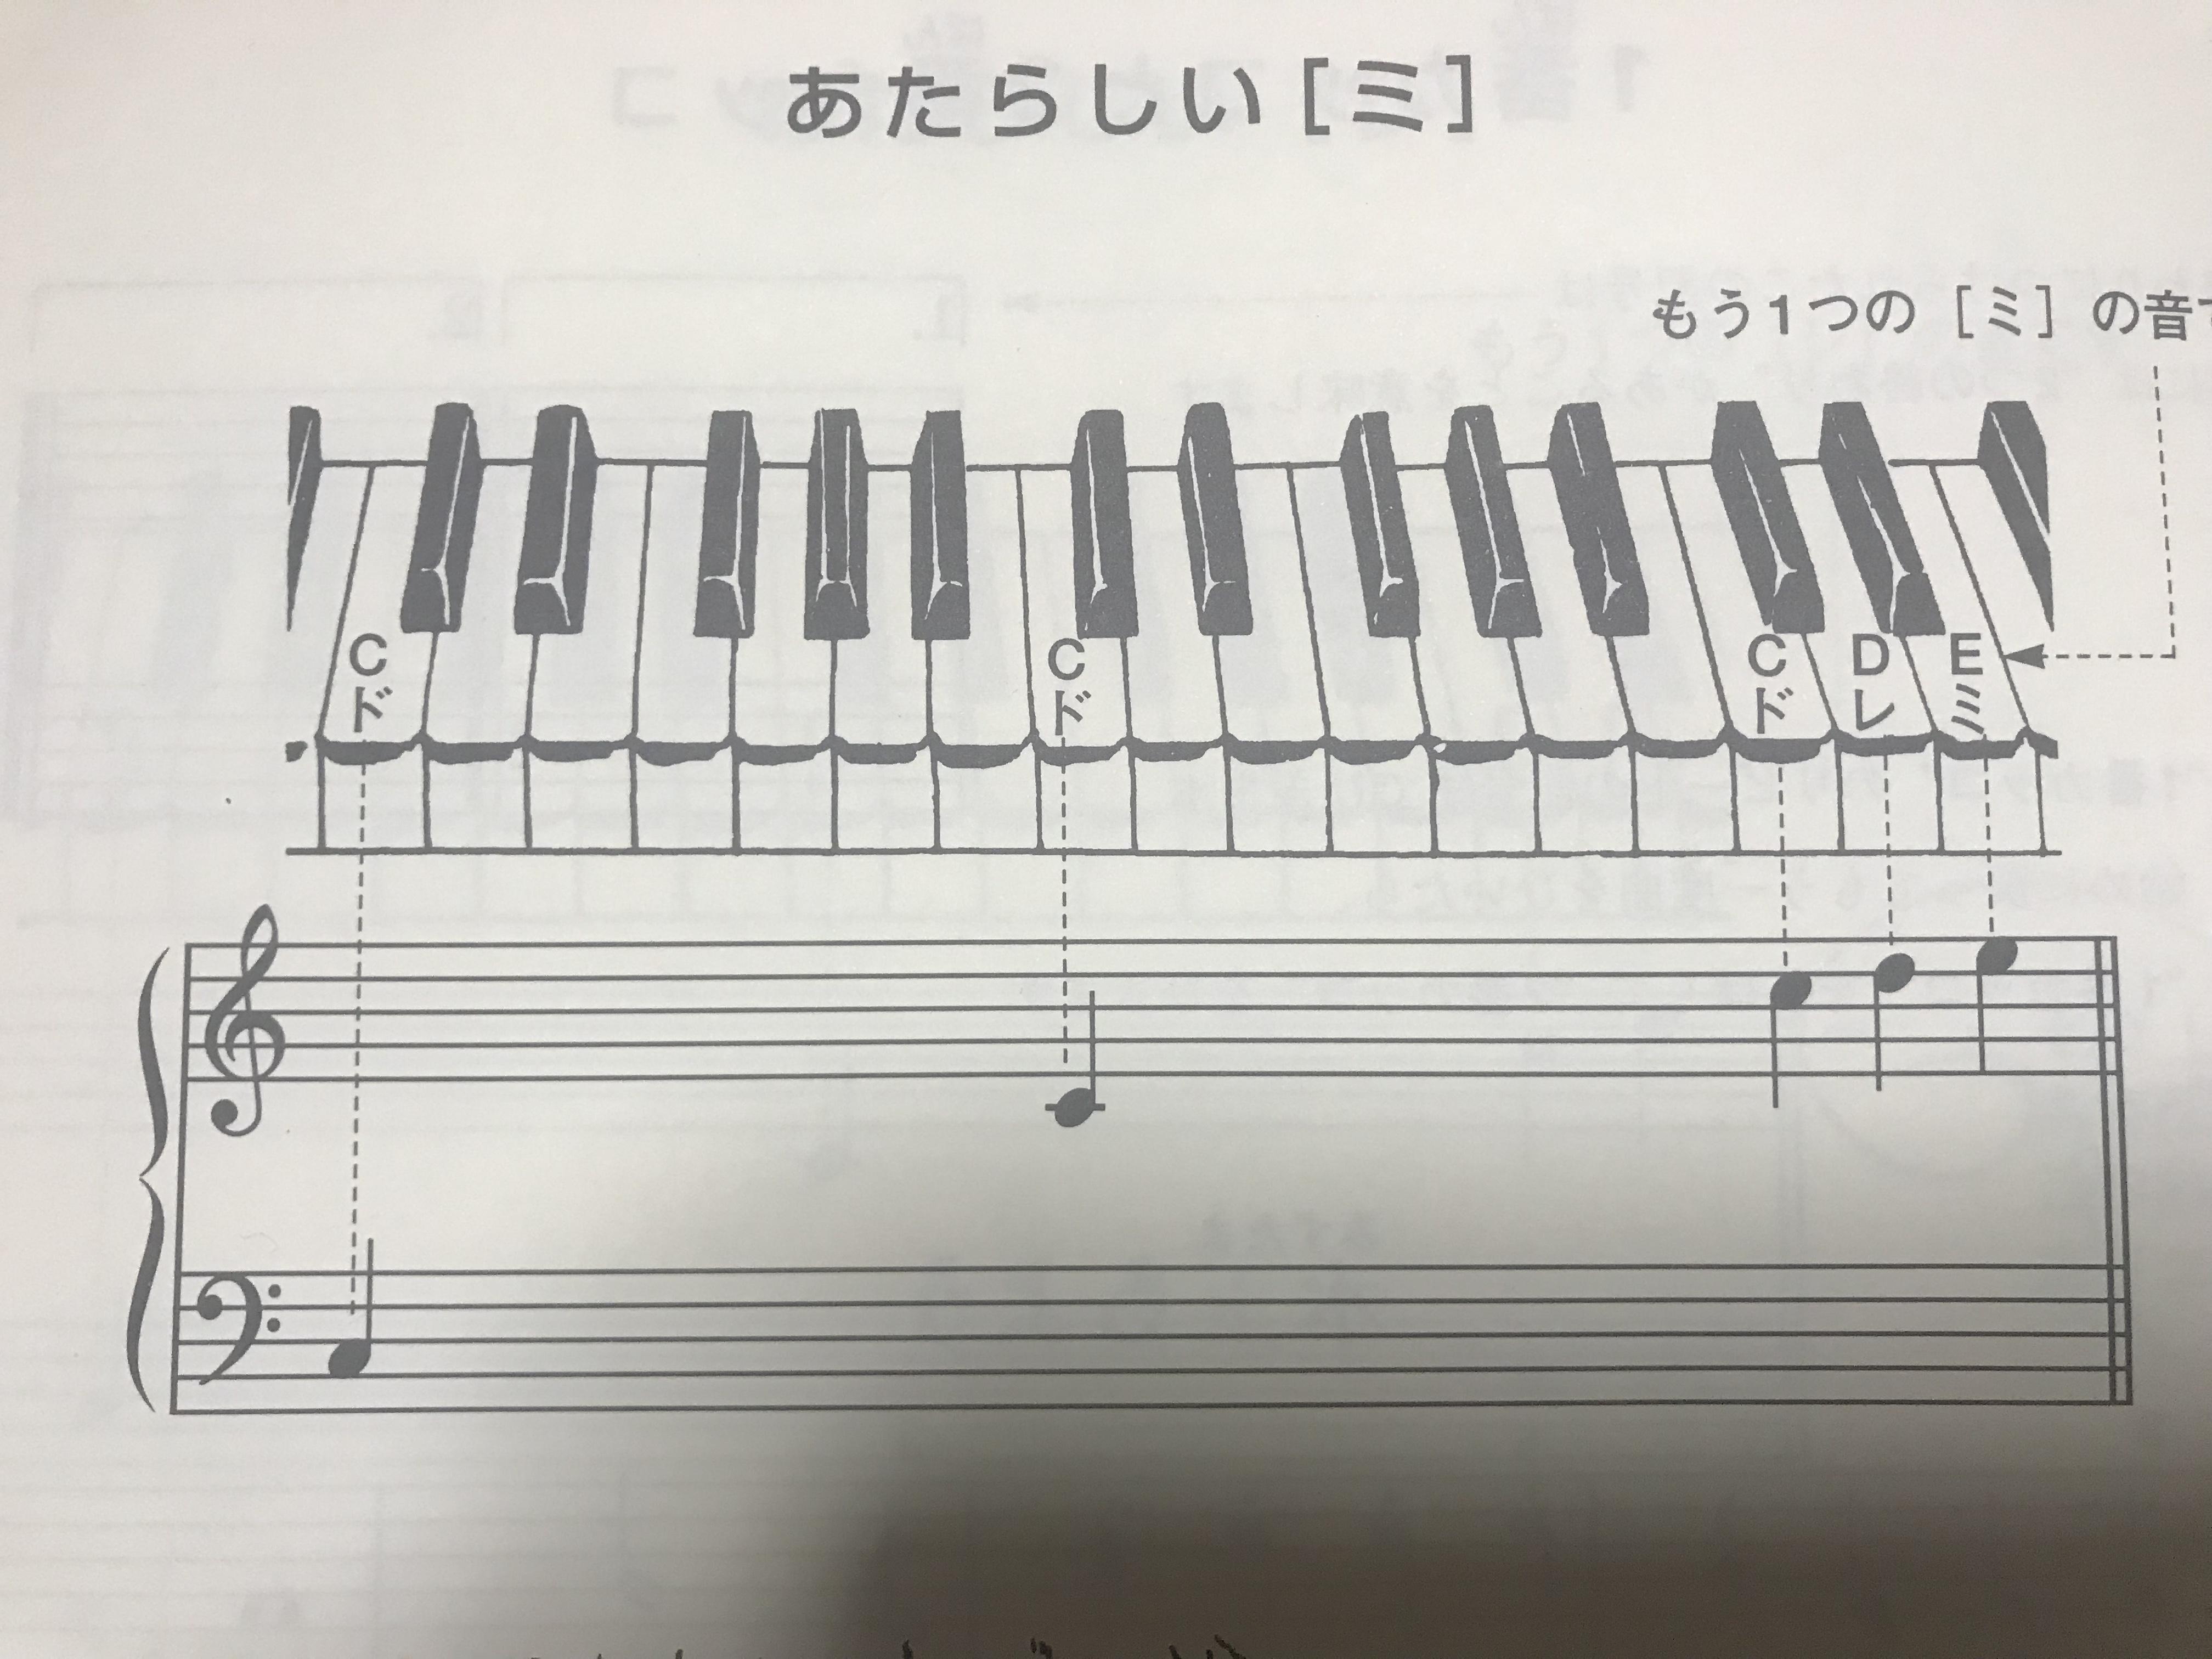 保育士のピアノが必要なときはいつ?できないはダメ【楽譜を読もう】